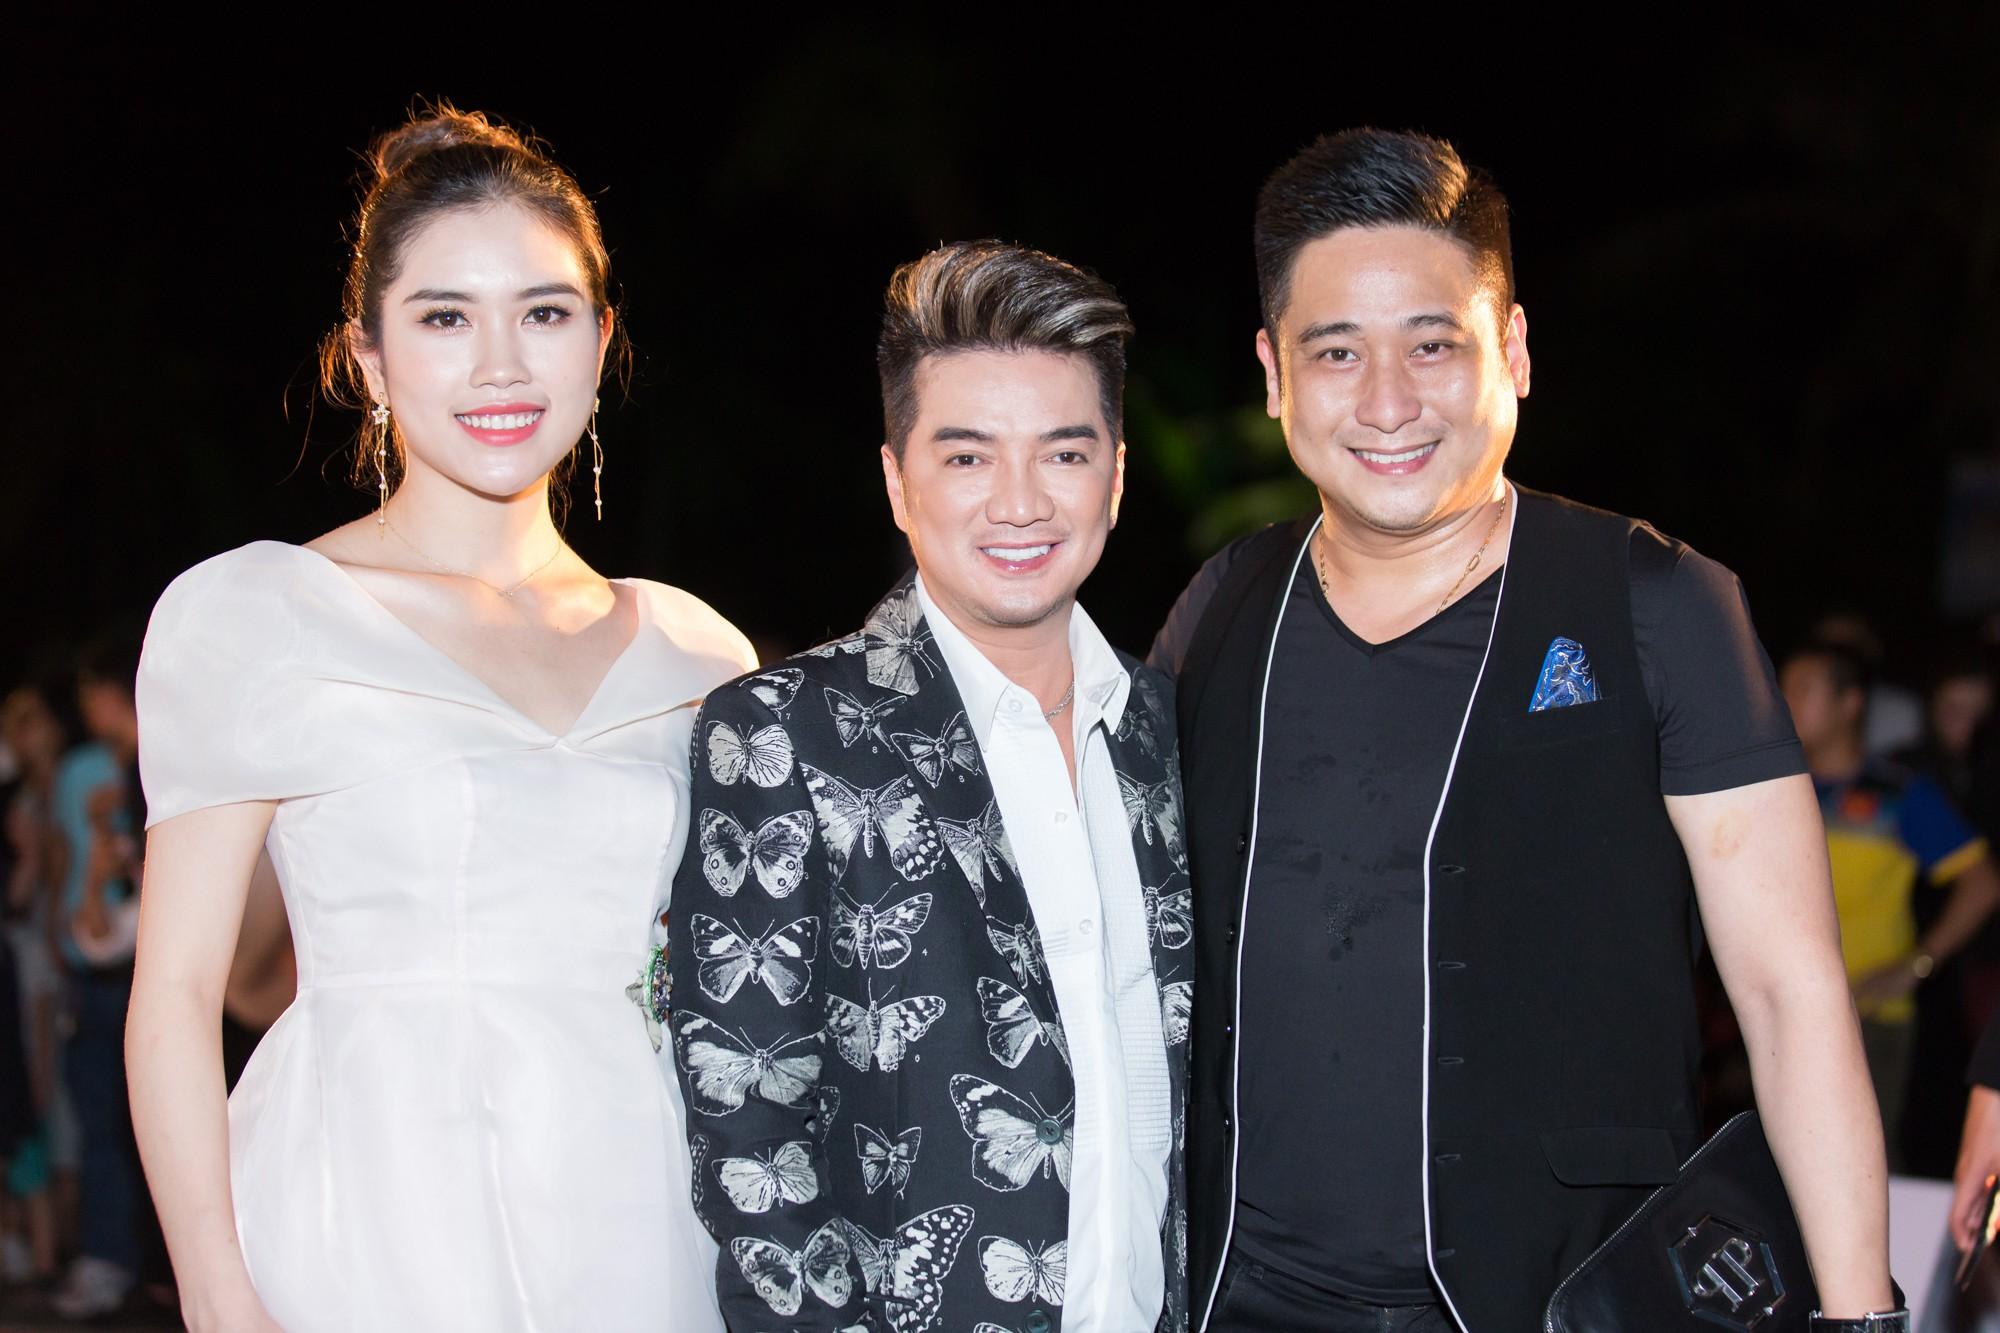 Mỹ Linh nổi bần bật xuất hiện sau nghi án tình ái, Tiểu Vy khoe khéo vòng 1 trên thảm đỏ Chung khảo phía Bắc Miss World Việt Nam 2019 - Ảnh 8.